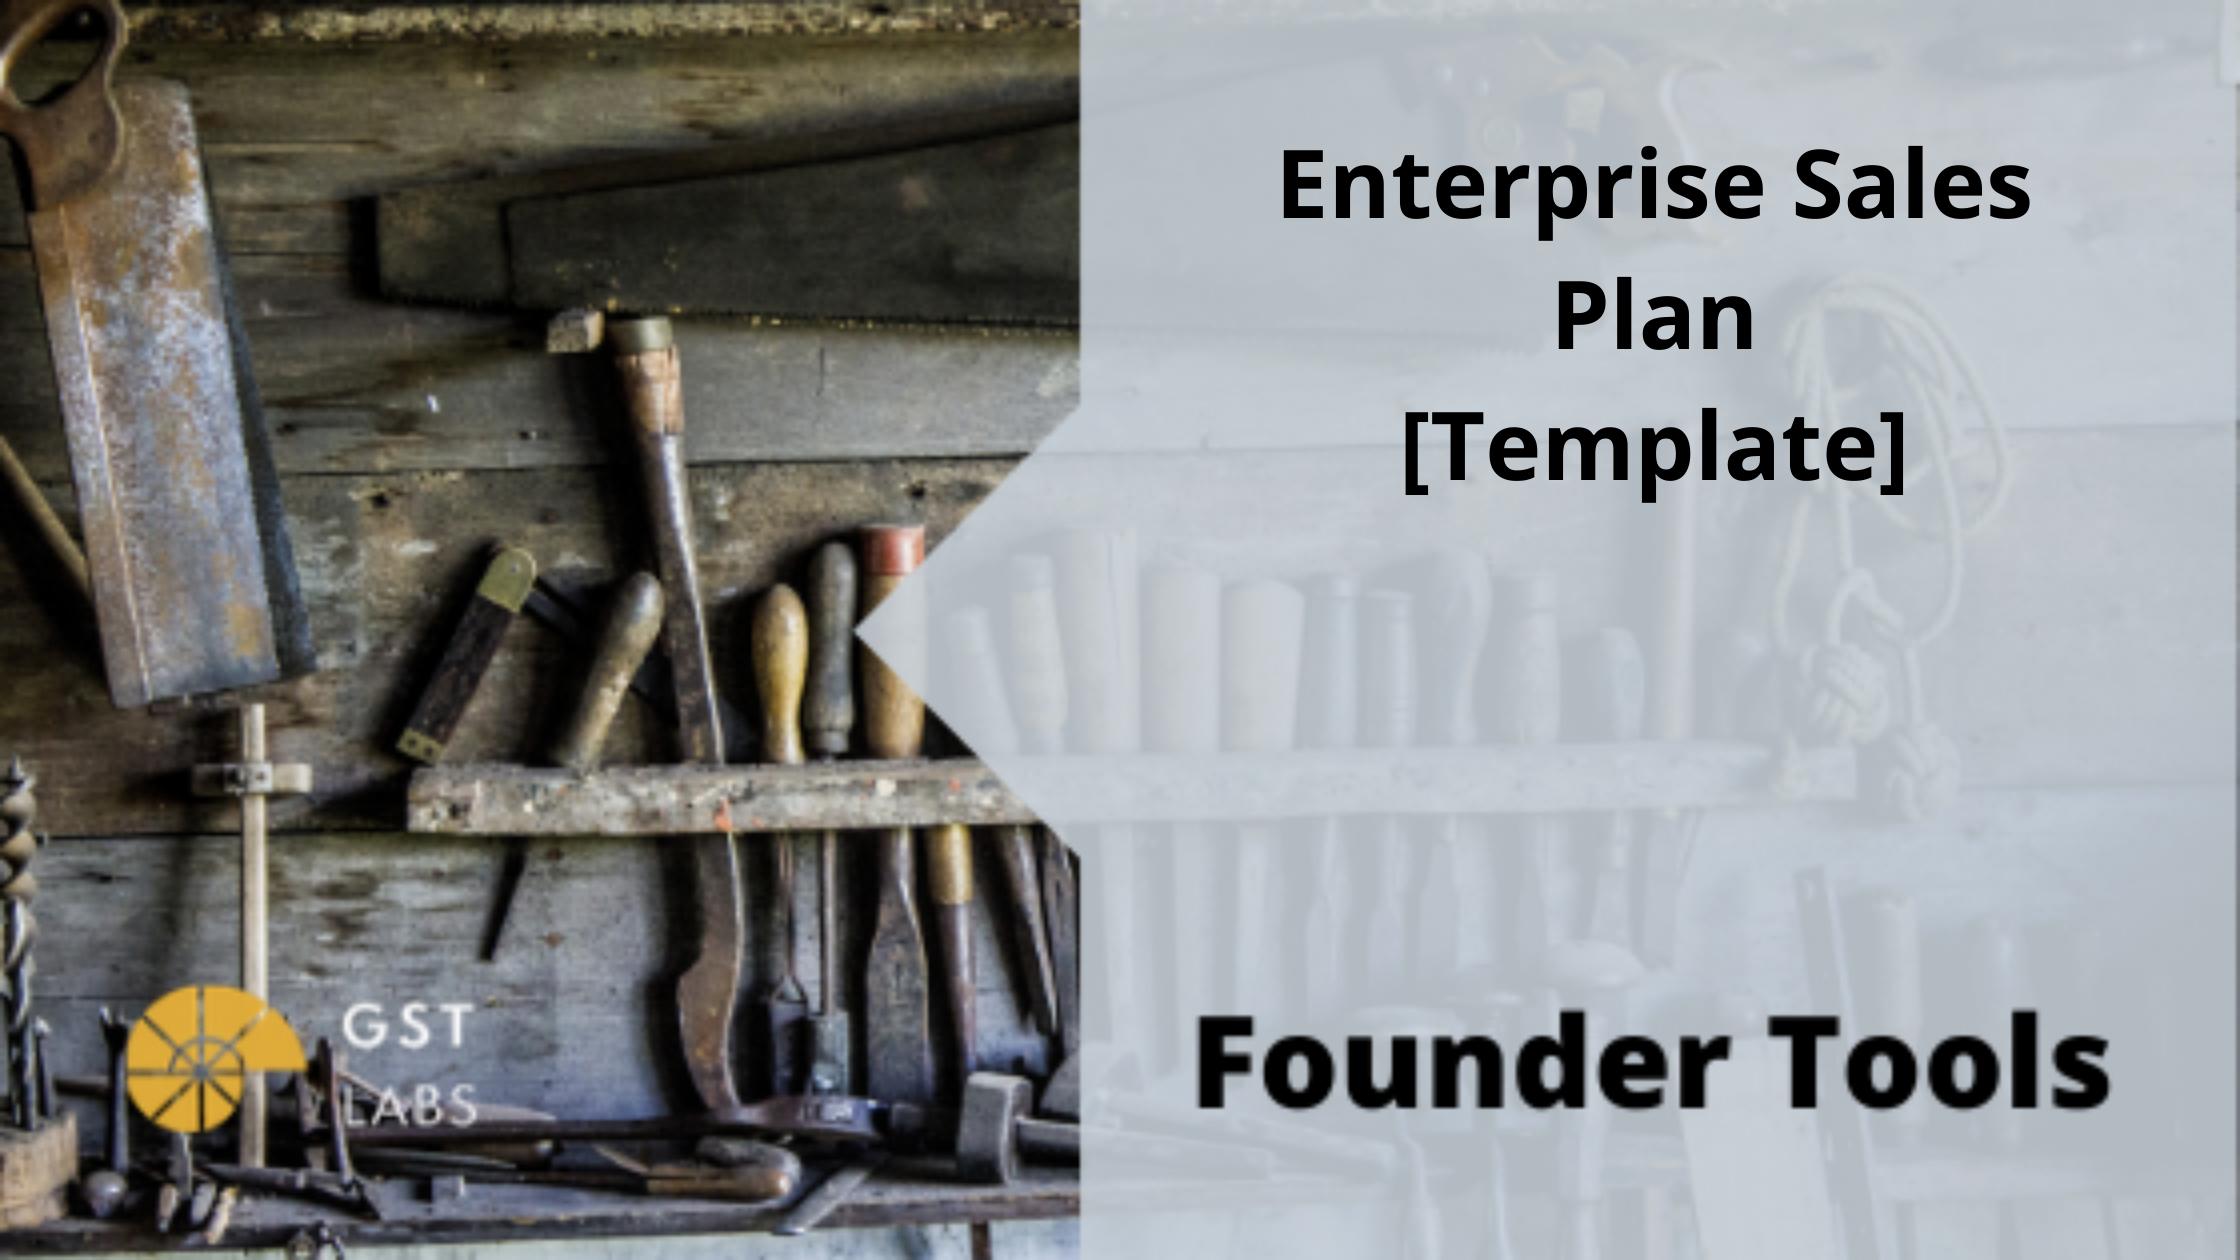 Enterprise Sales Plan [Template]